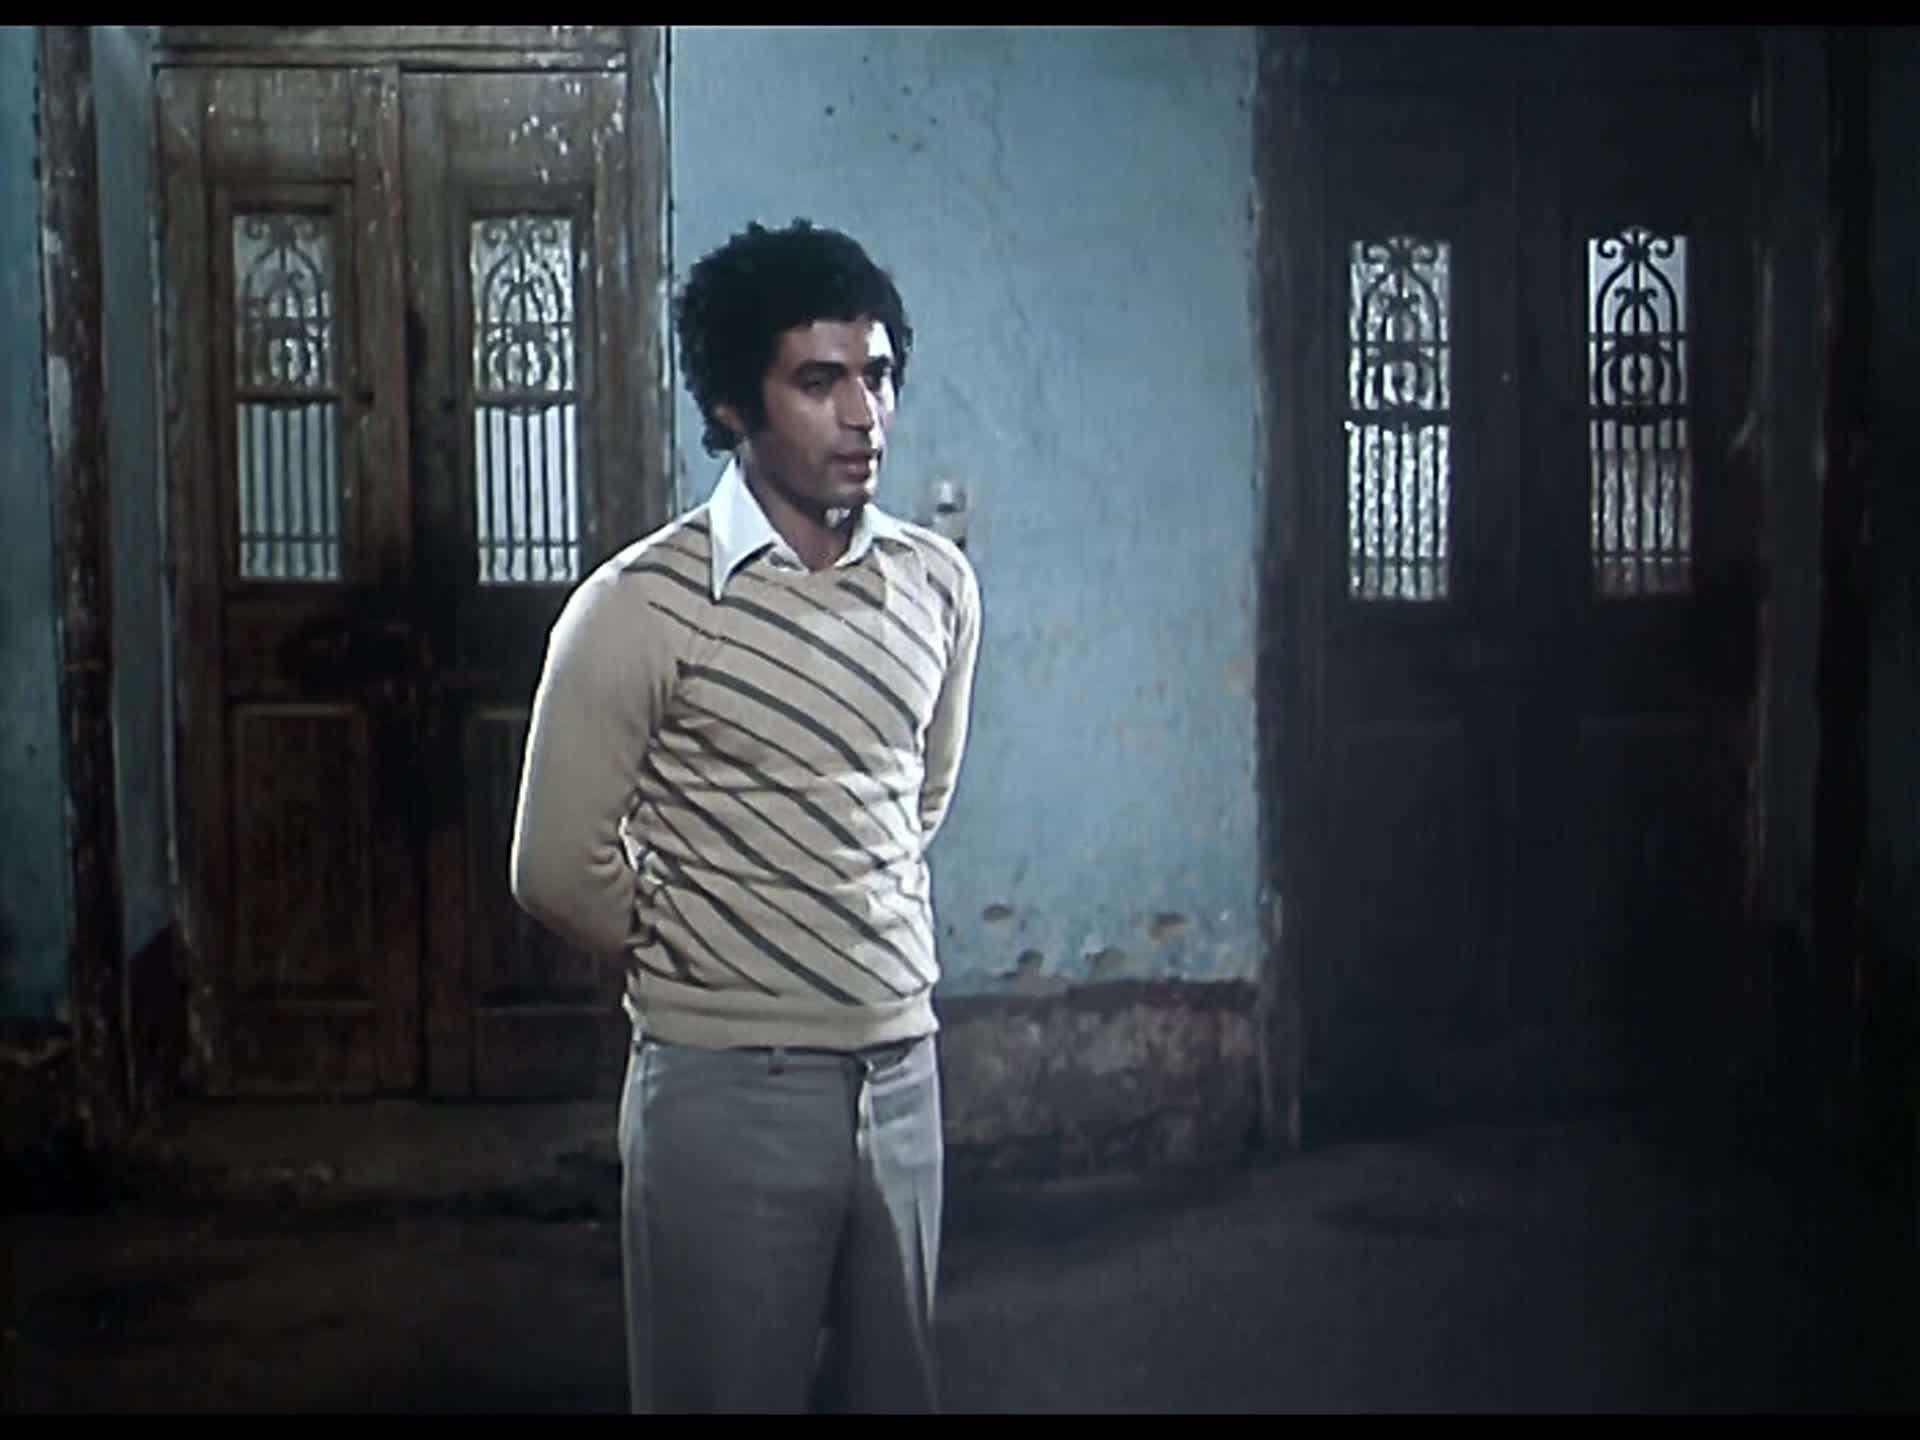 [فيلم][تورنت][تحميل][وراء الشمس][1978][1080p][Web-DL] 7 arabp2p.com